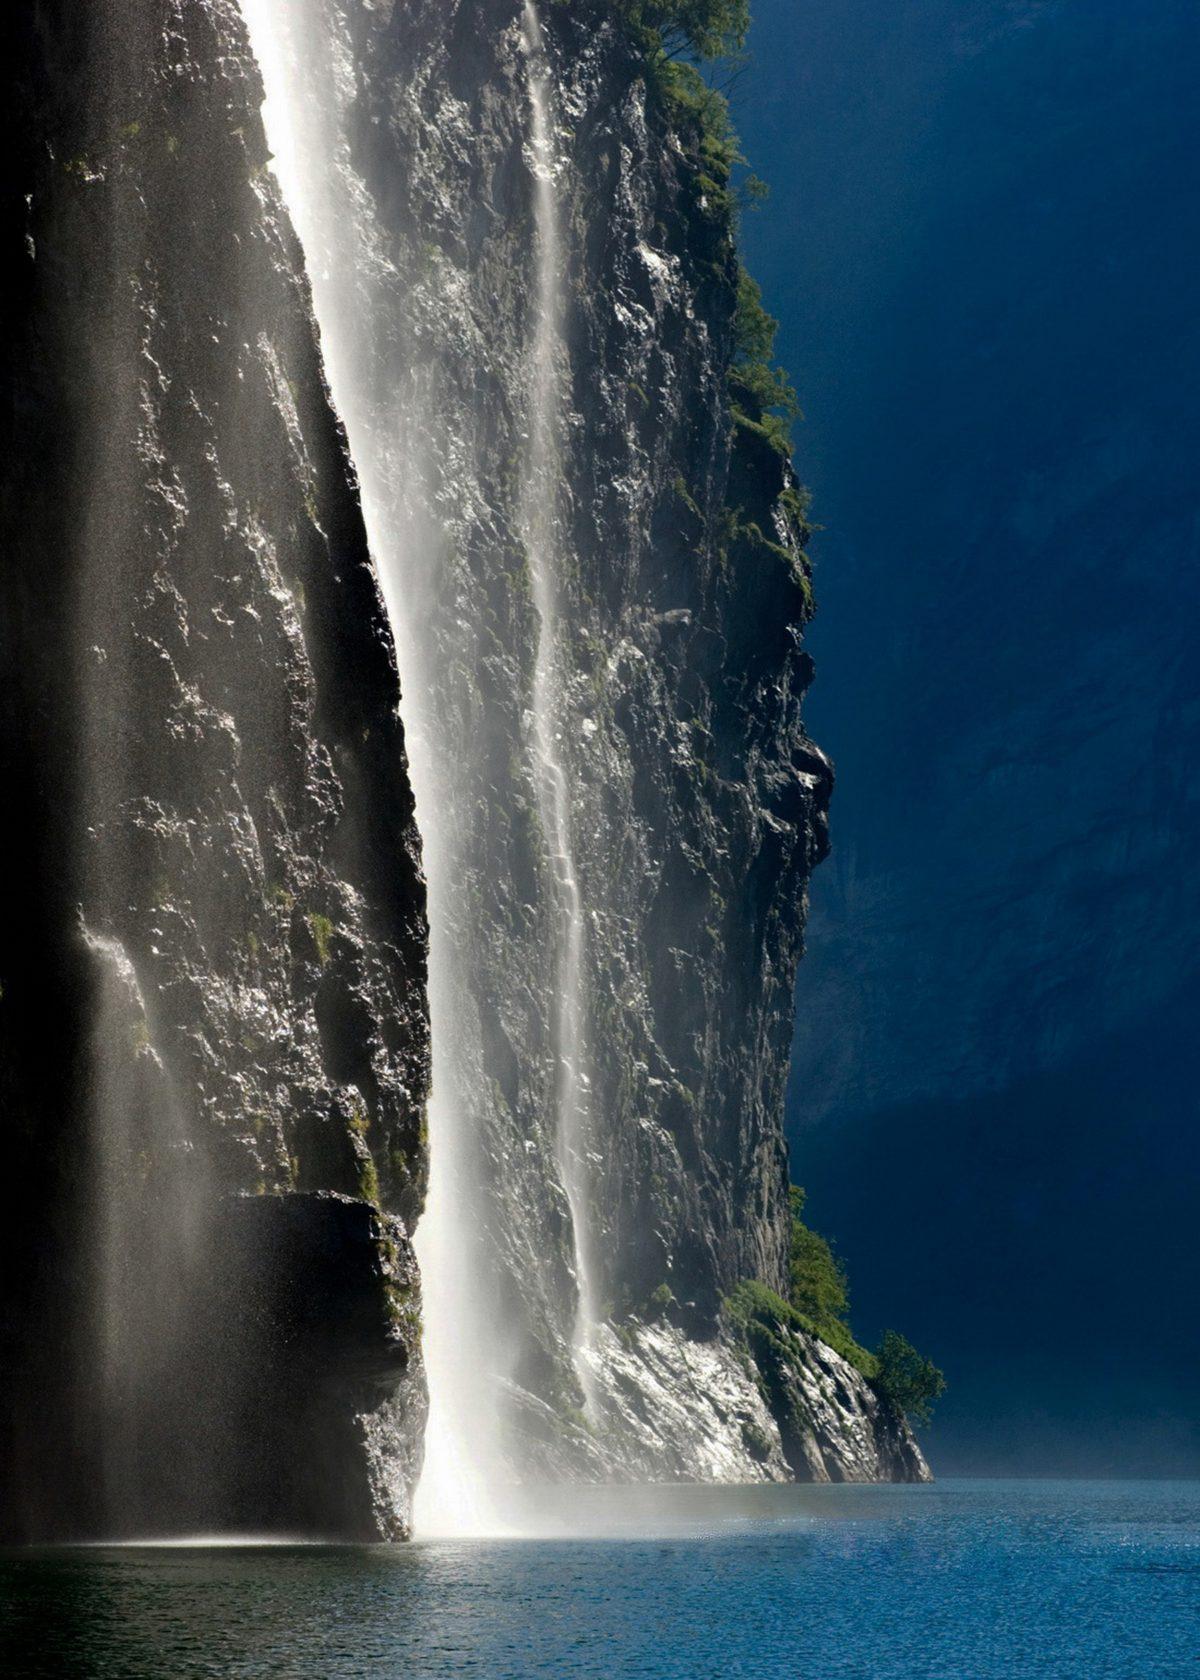 Wodospady wpadają do Fiordu Geiranger potężną kaskadą z wysokości kilkuset metrów